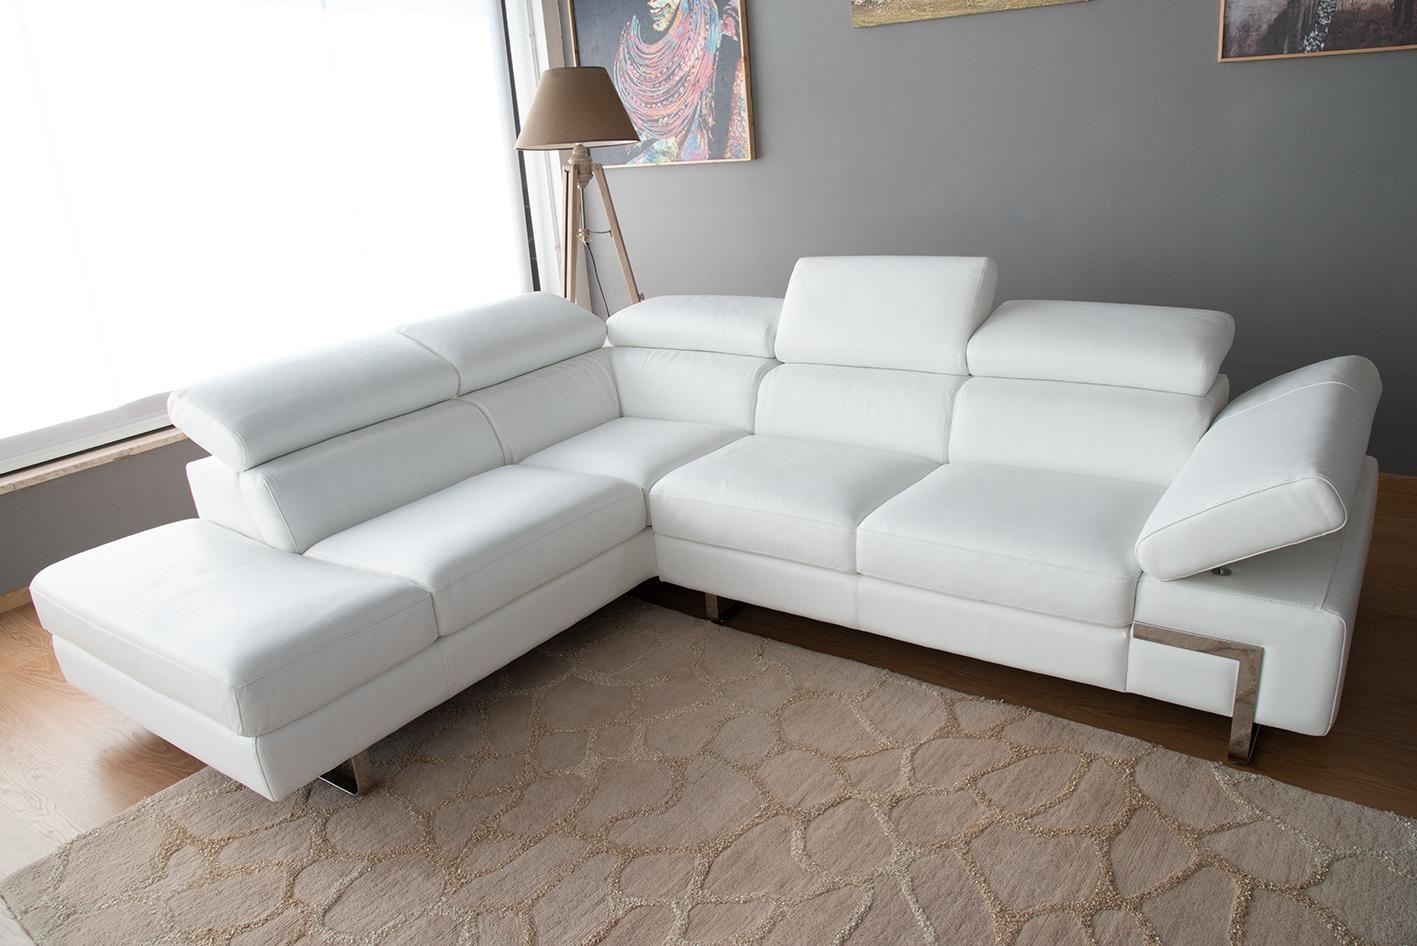 Divano In Pelle Design.Offerta Divano Angolare In Pelle Bianco Con Poggiatesta Regolabili